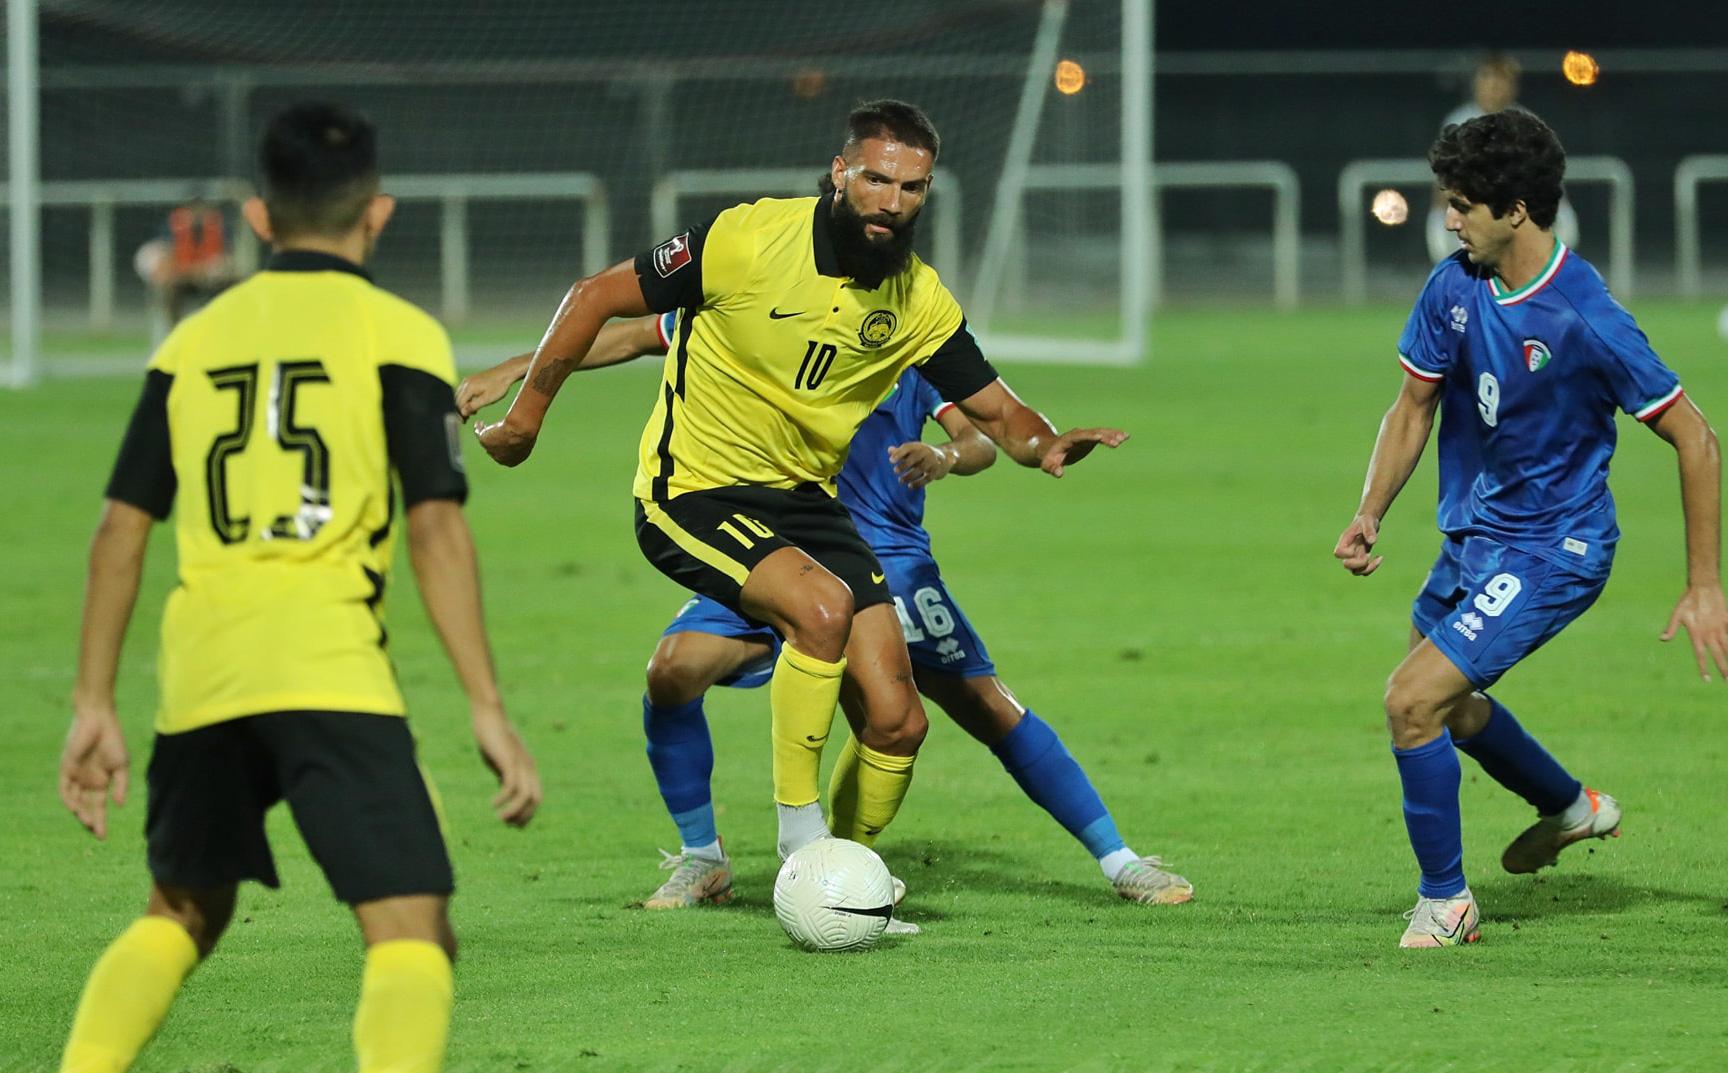 Dùng 4 ngôi sao nhập tịch, ĐT Malaysia vẫn thua tơi tả trước